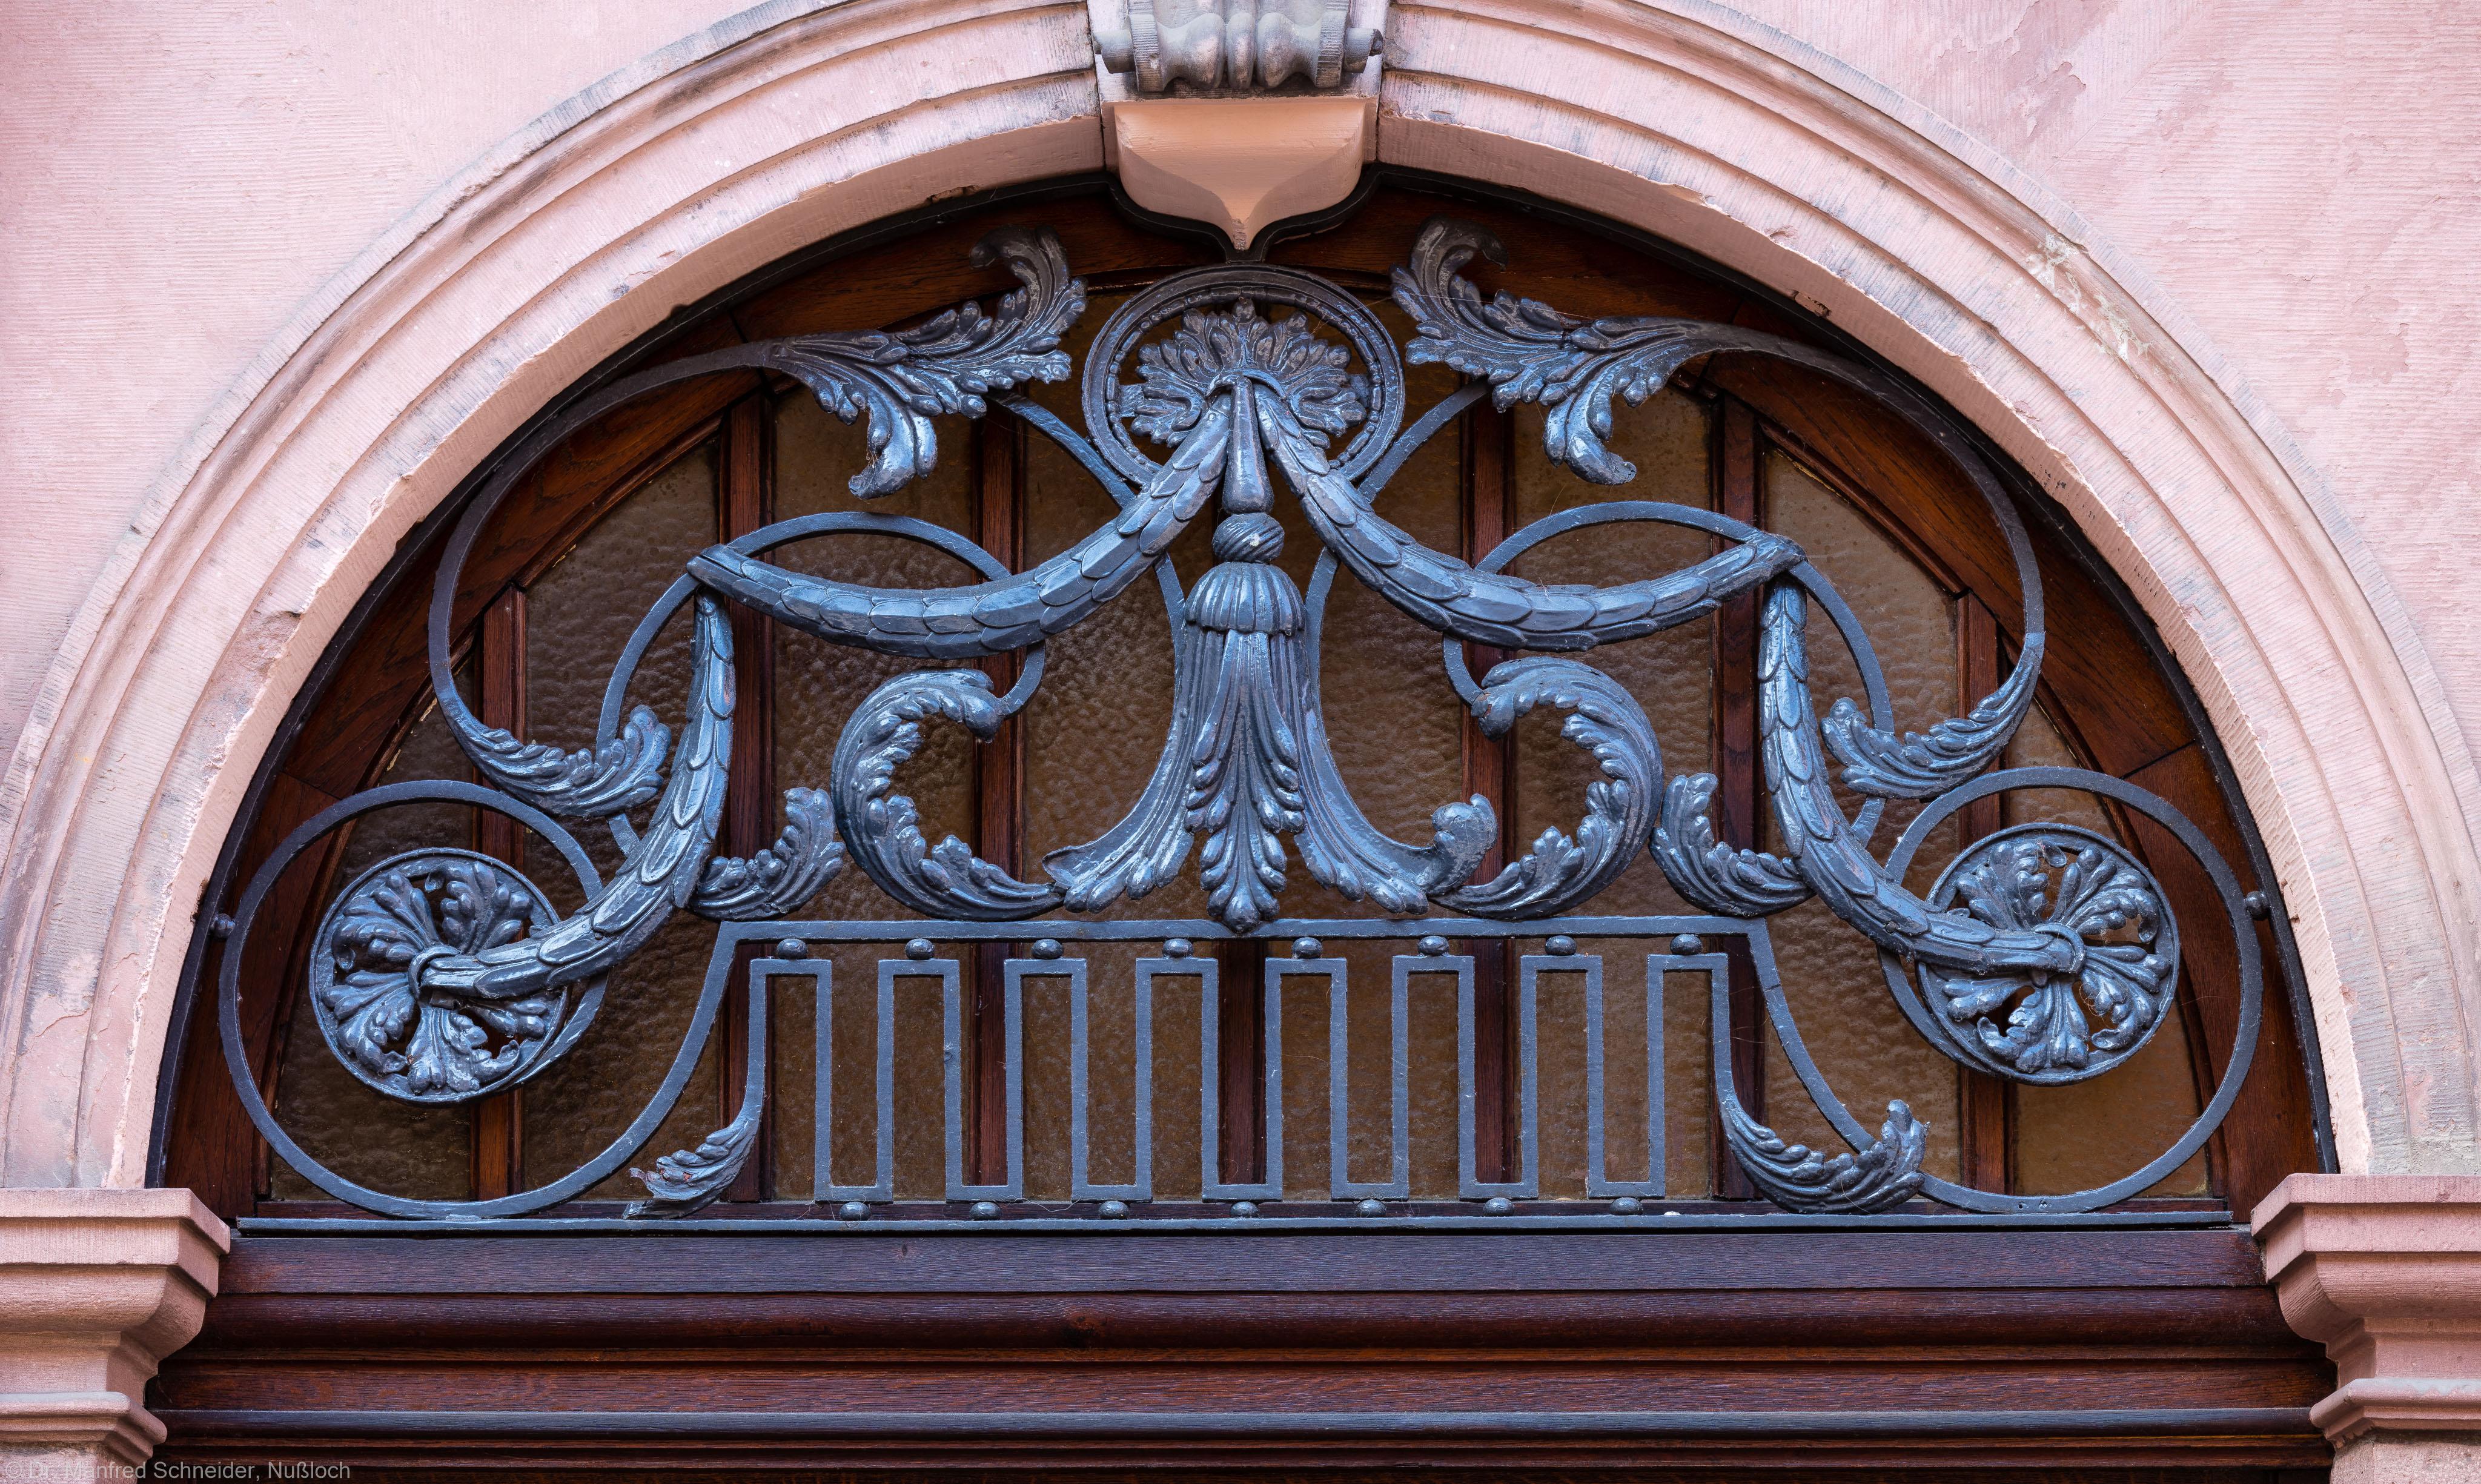 Heidelberg - Heiliggeistkirche - Südseite - Westliches Südportal - Schmiedeeiserner Rundbogen über der Tür (aufgenommen im August 2015, am späten Nachmittag)